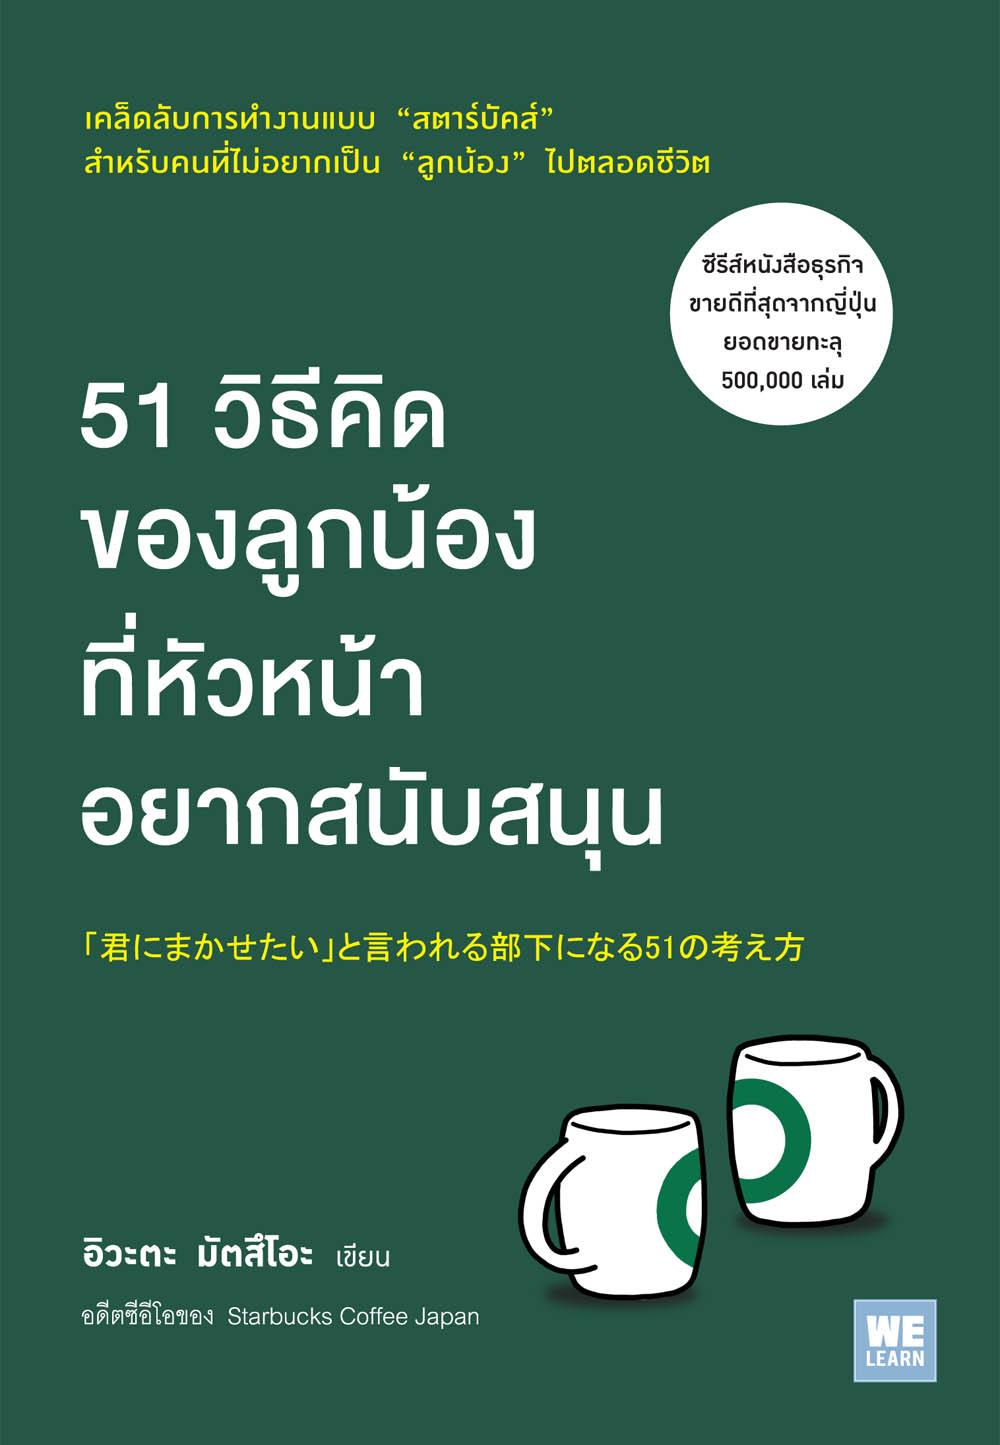 51 วิธีคิดของลูกน้อง ที่หัวหน้าอยากสนุบสนุน (君にまかせたい」と言われる部下になる51の考え方)